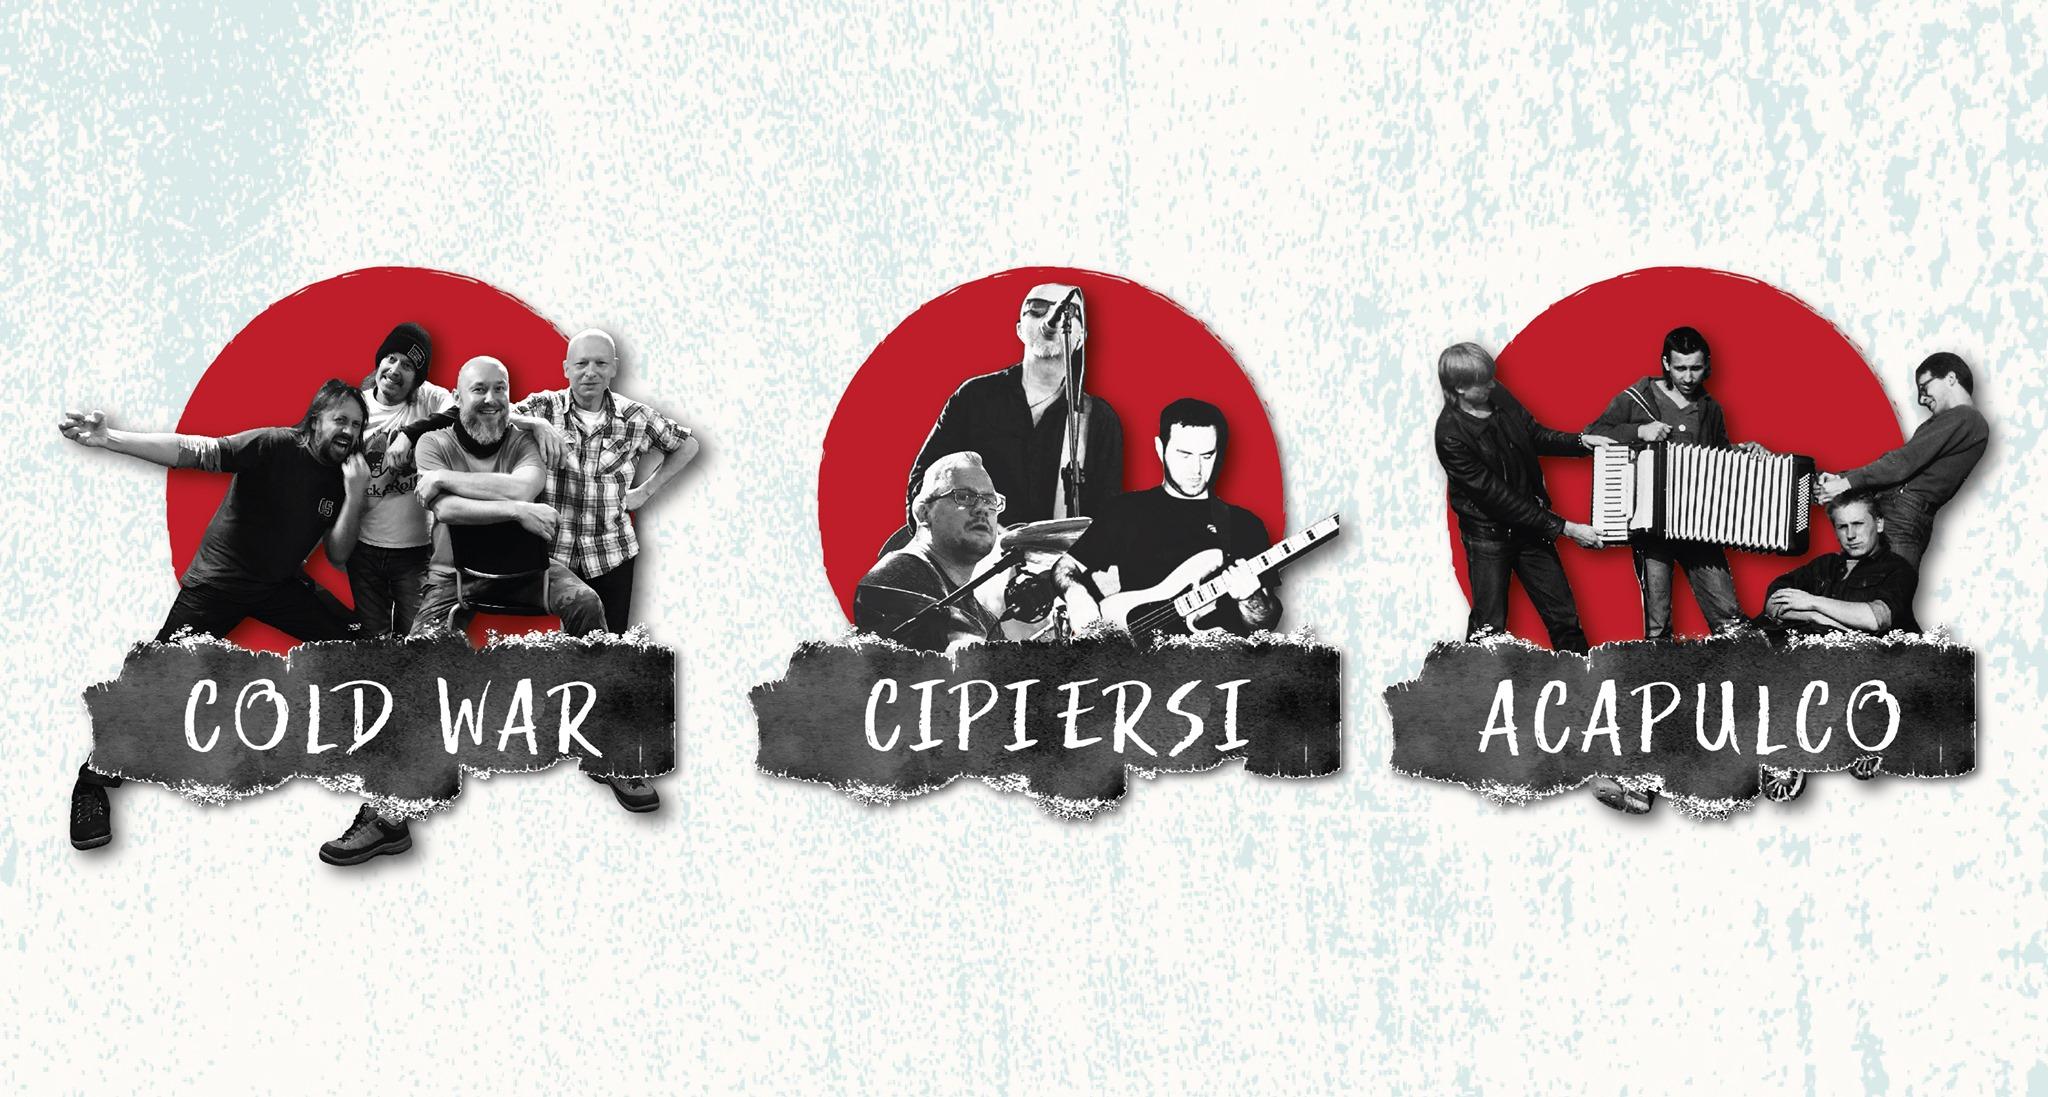 Koncert Acapulco/Cold War/Cipiersi w grudniu w Spichlerzu! Zapraszamy!